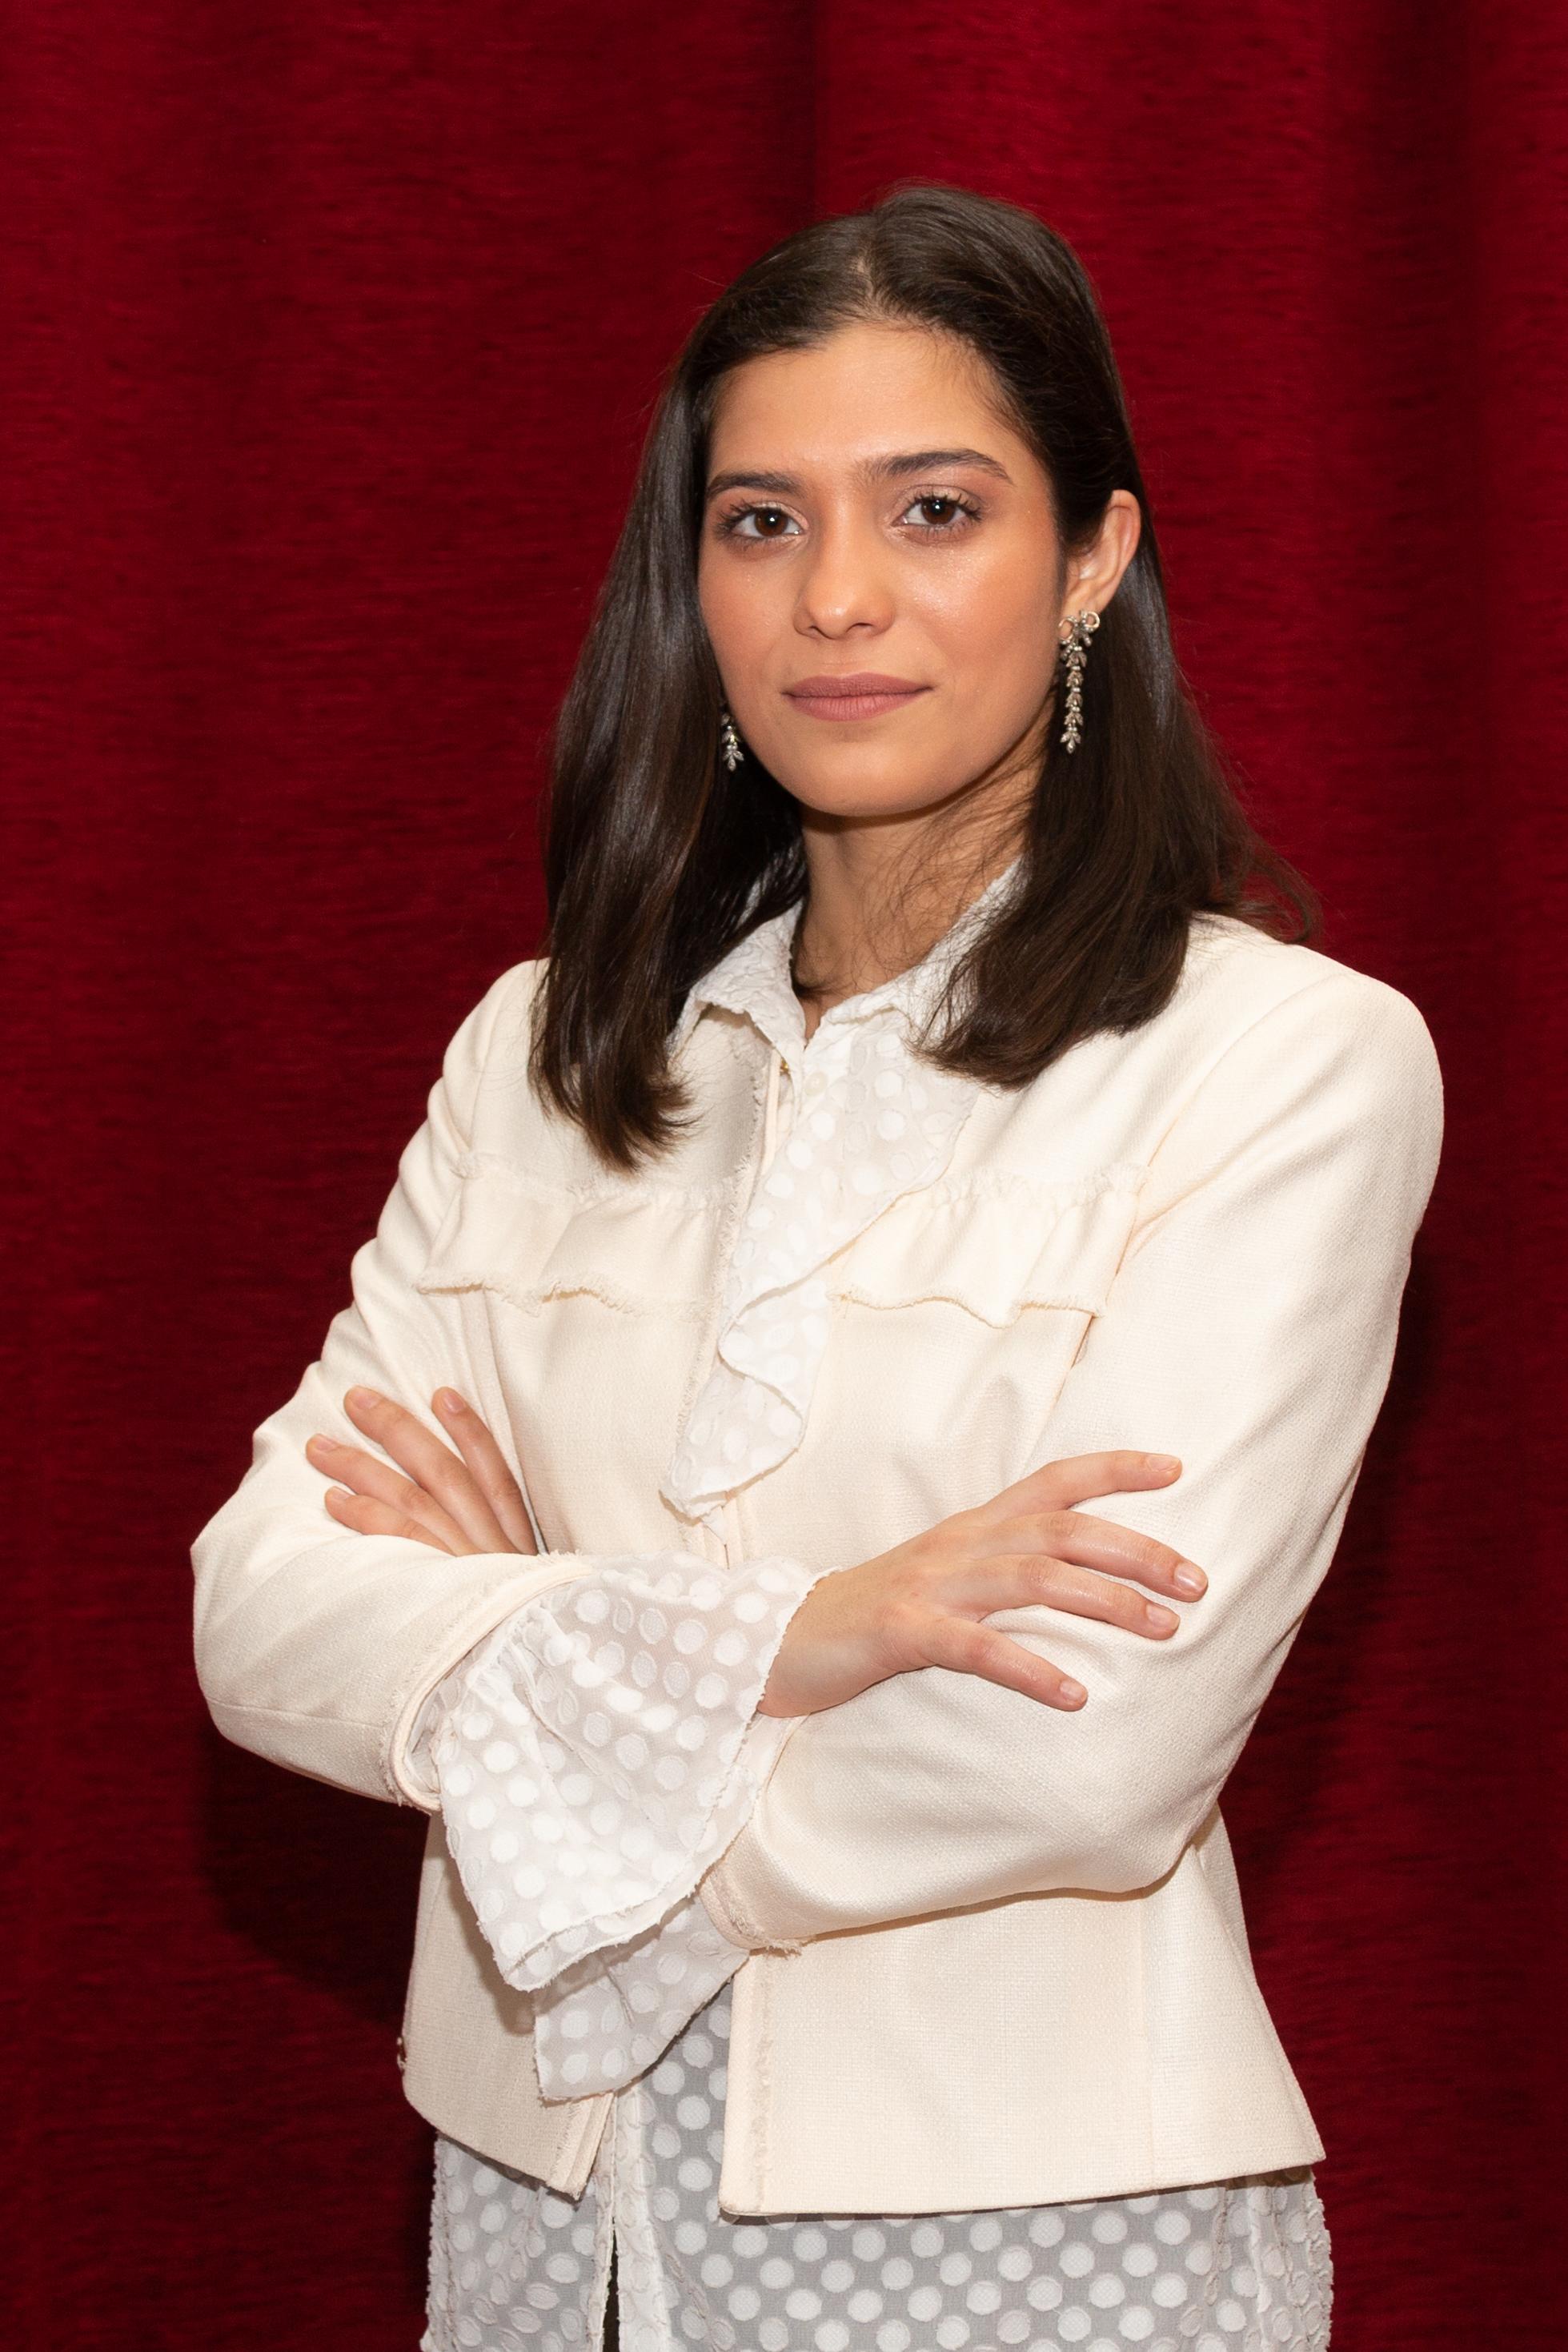 Maria Teresa Dias Pereira Bastos Lopes